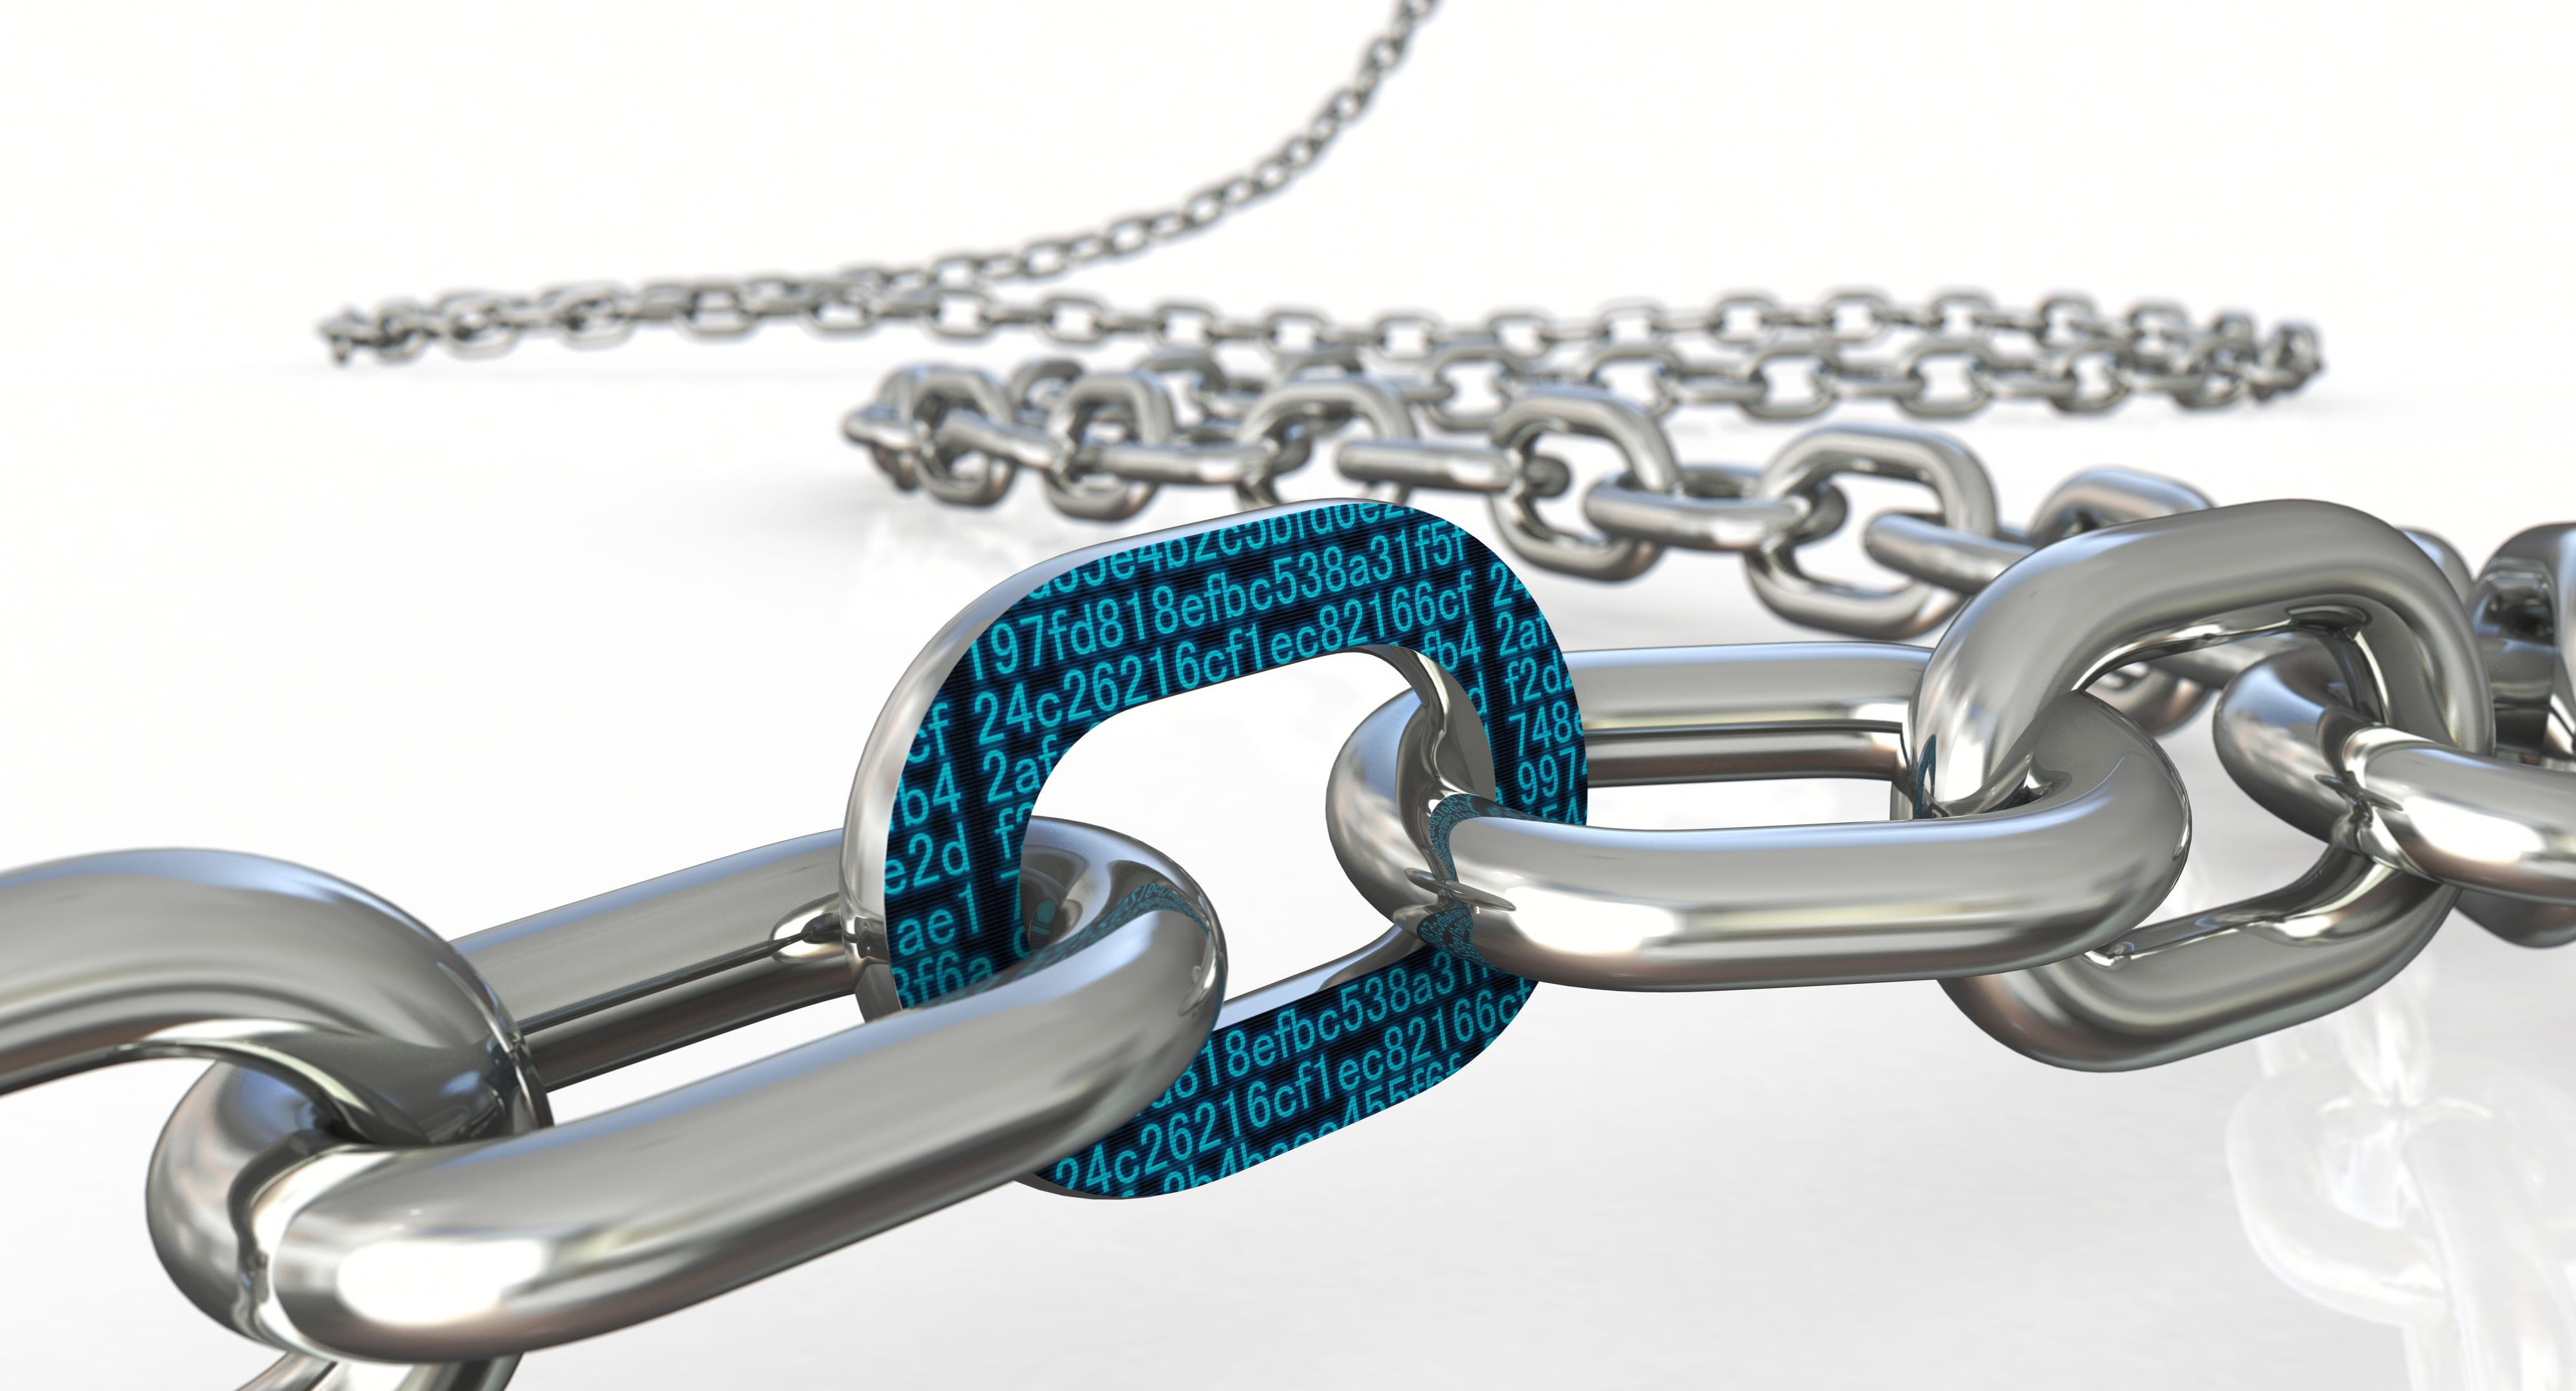 ブロックチェーンとIoTについて。今注目されている理由や影響は?